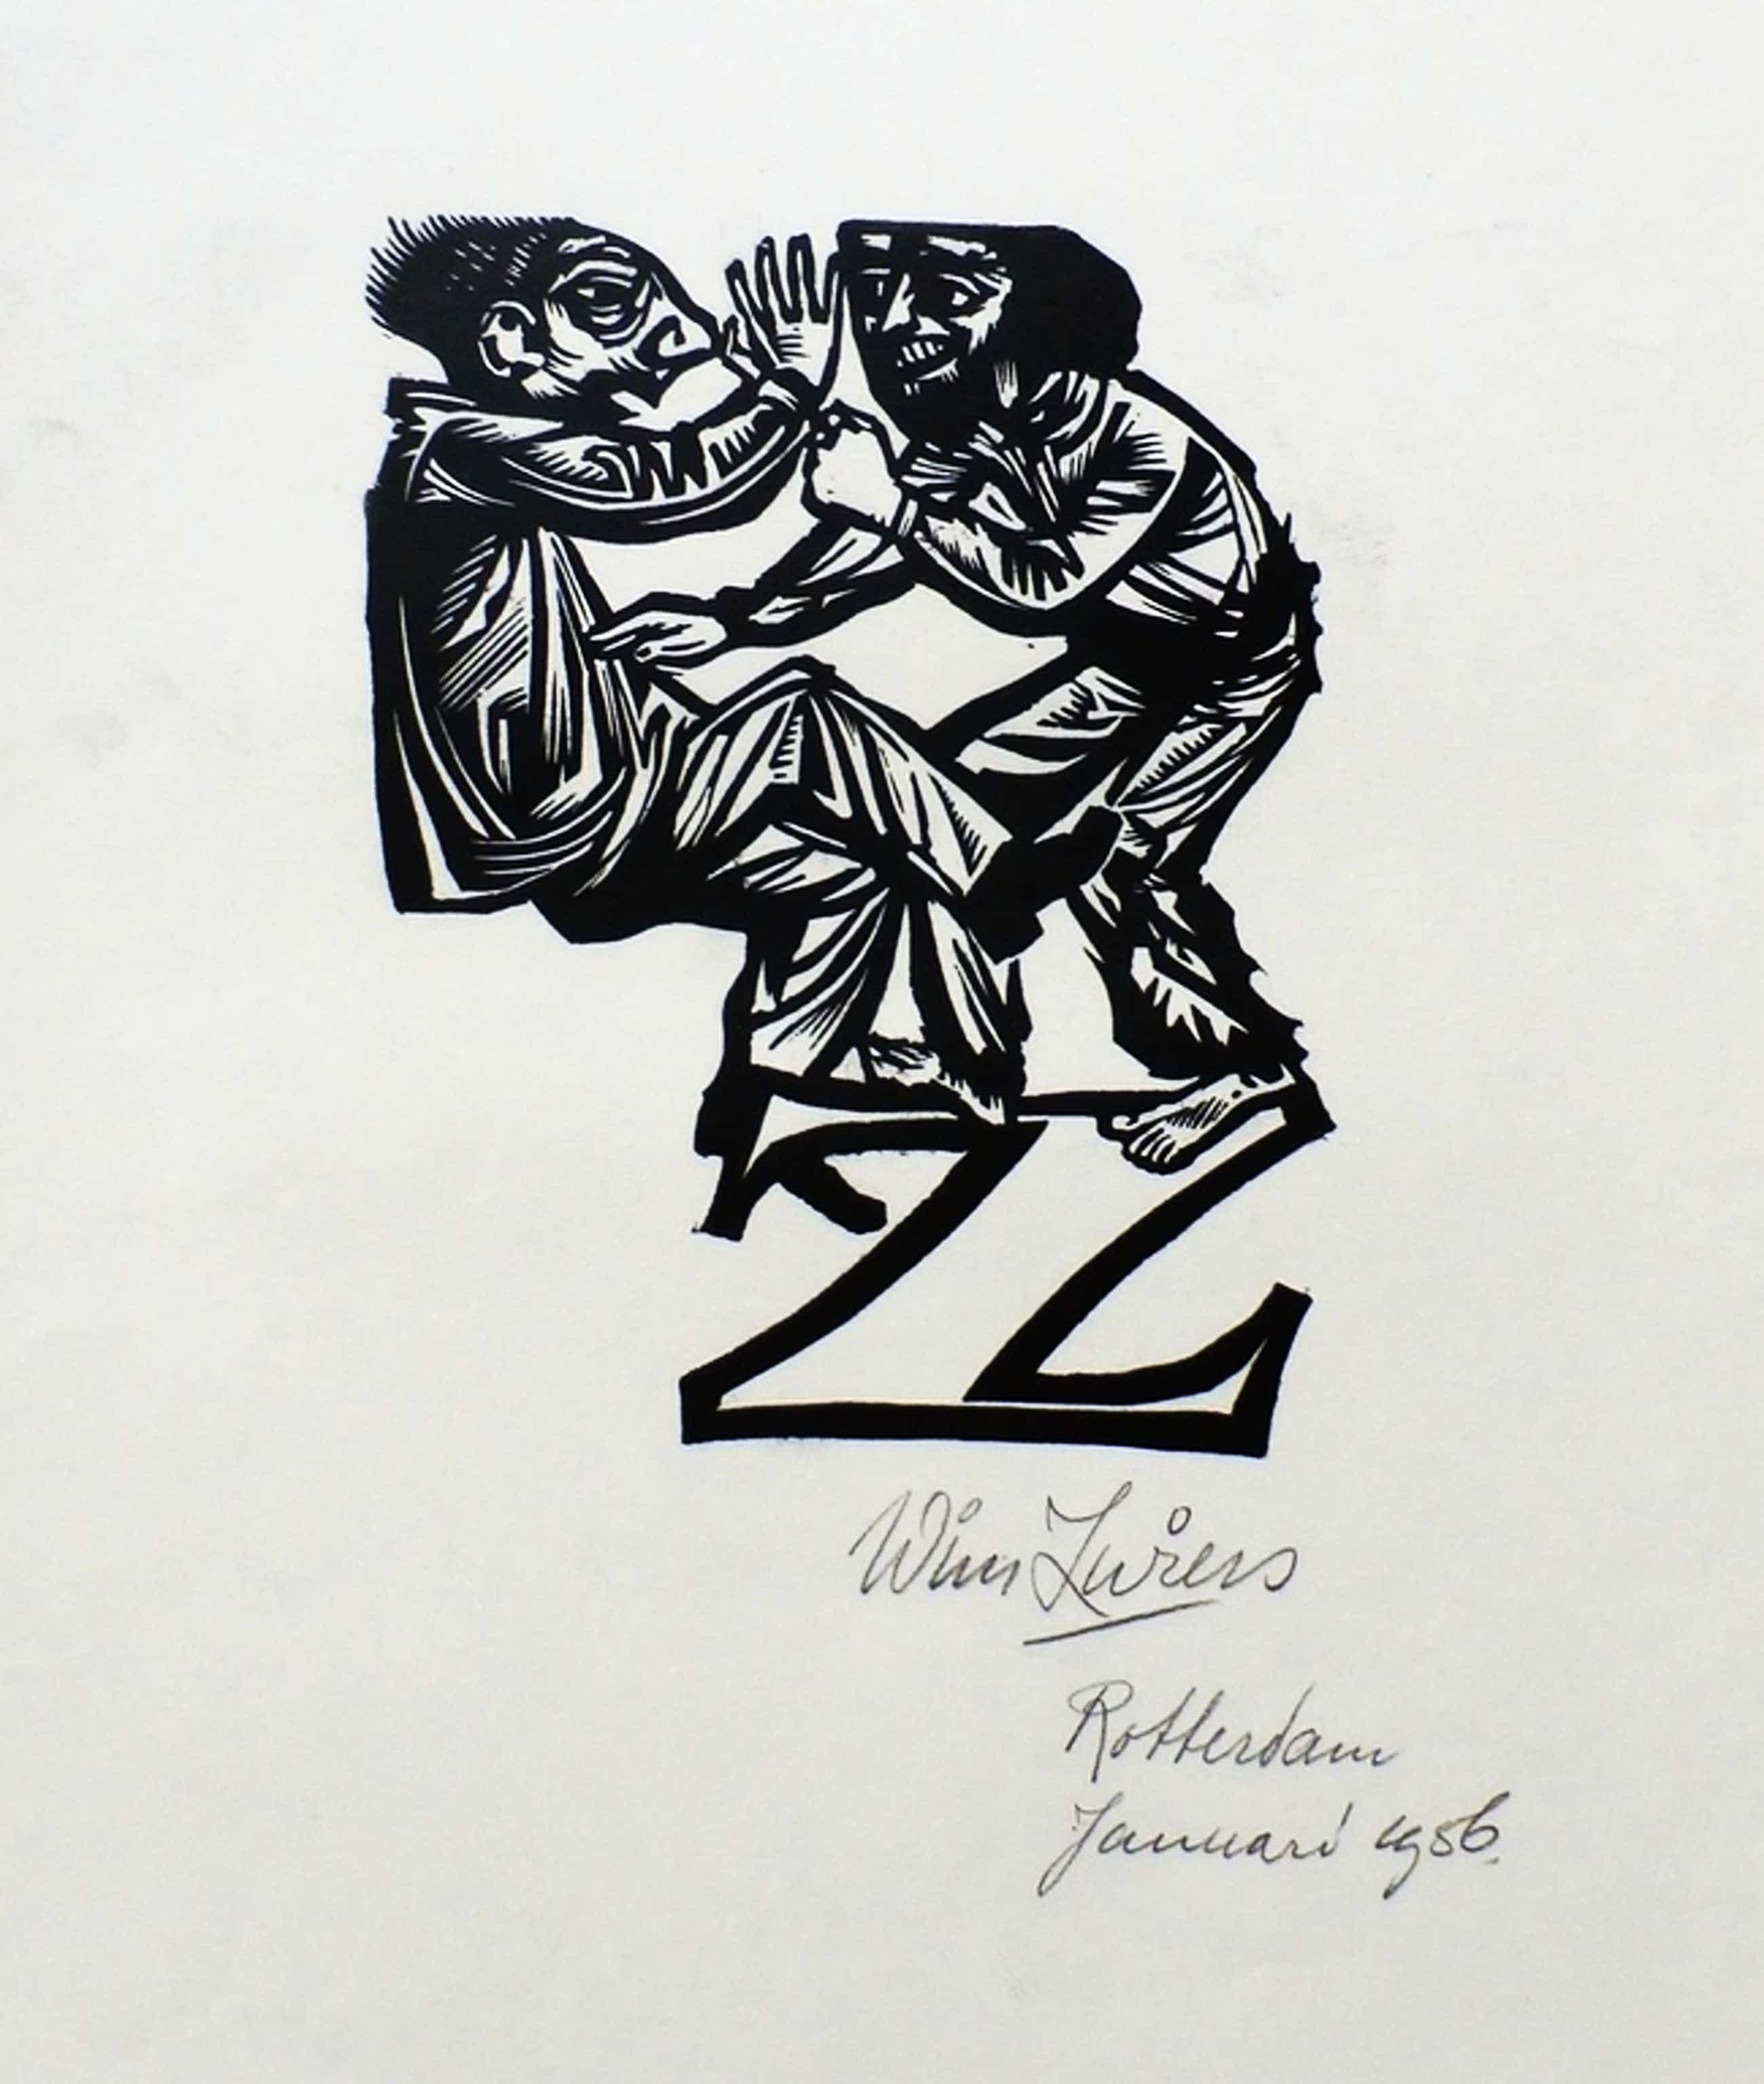 Wim Zwiers - lino - 1956 kopen? Bied vanaf 35!